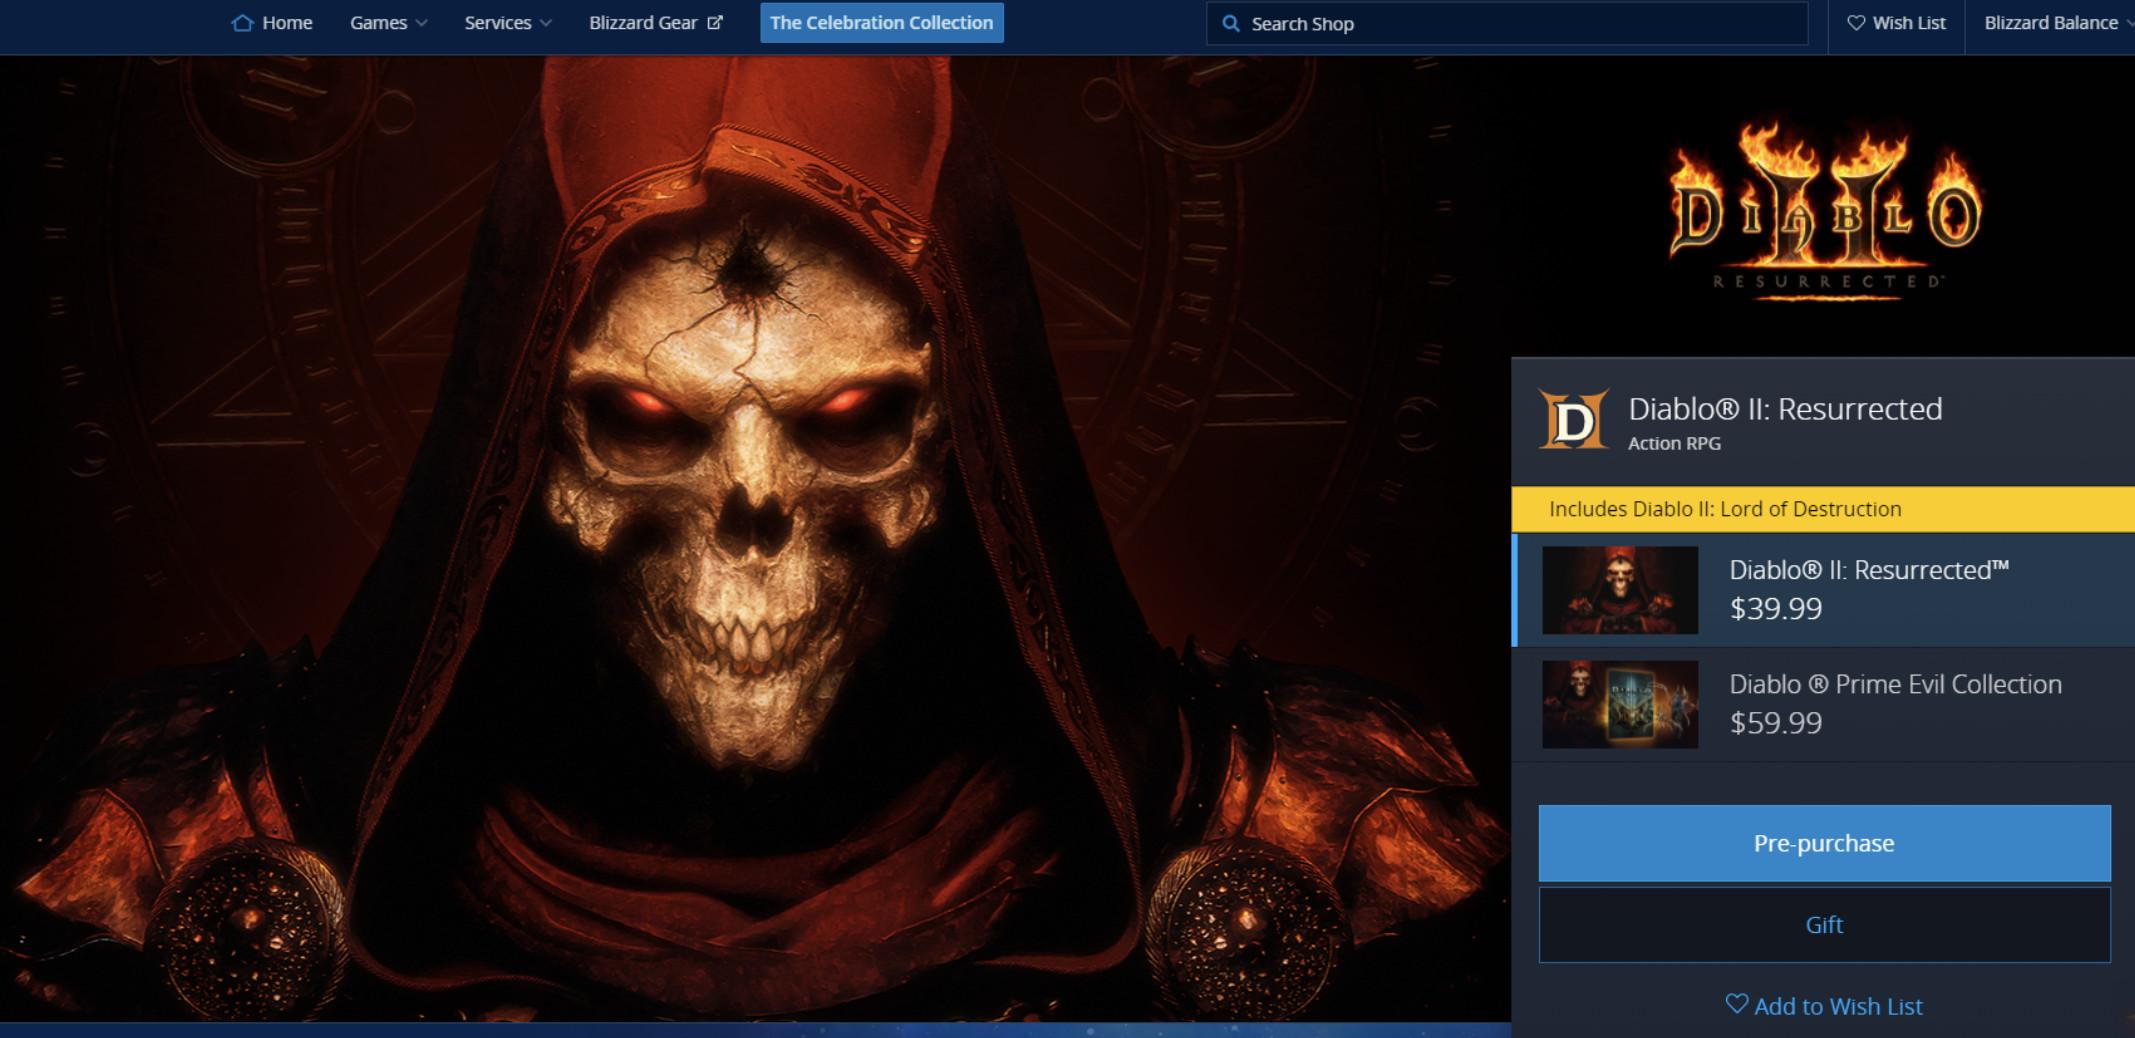 《暗黑破坏神2》重制版公布 登陆PC和所有主机平台